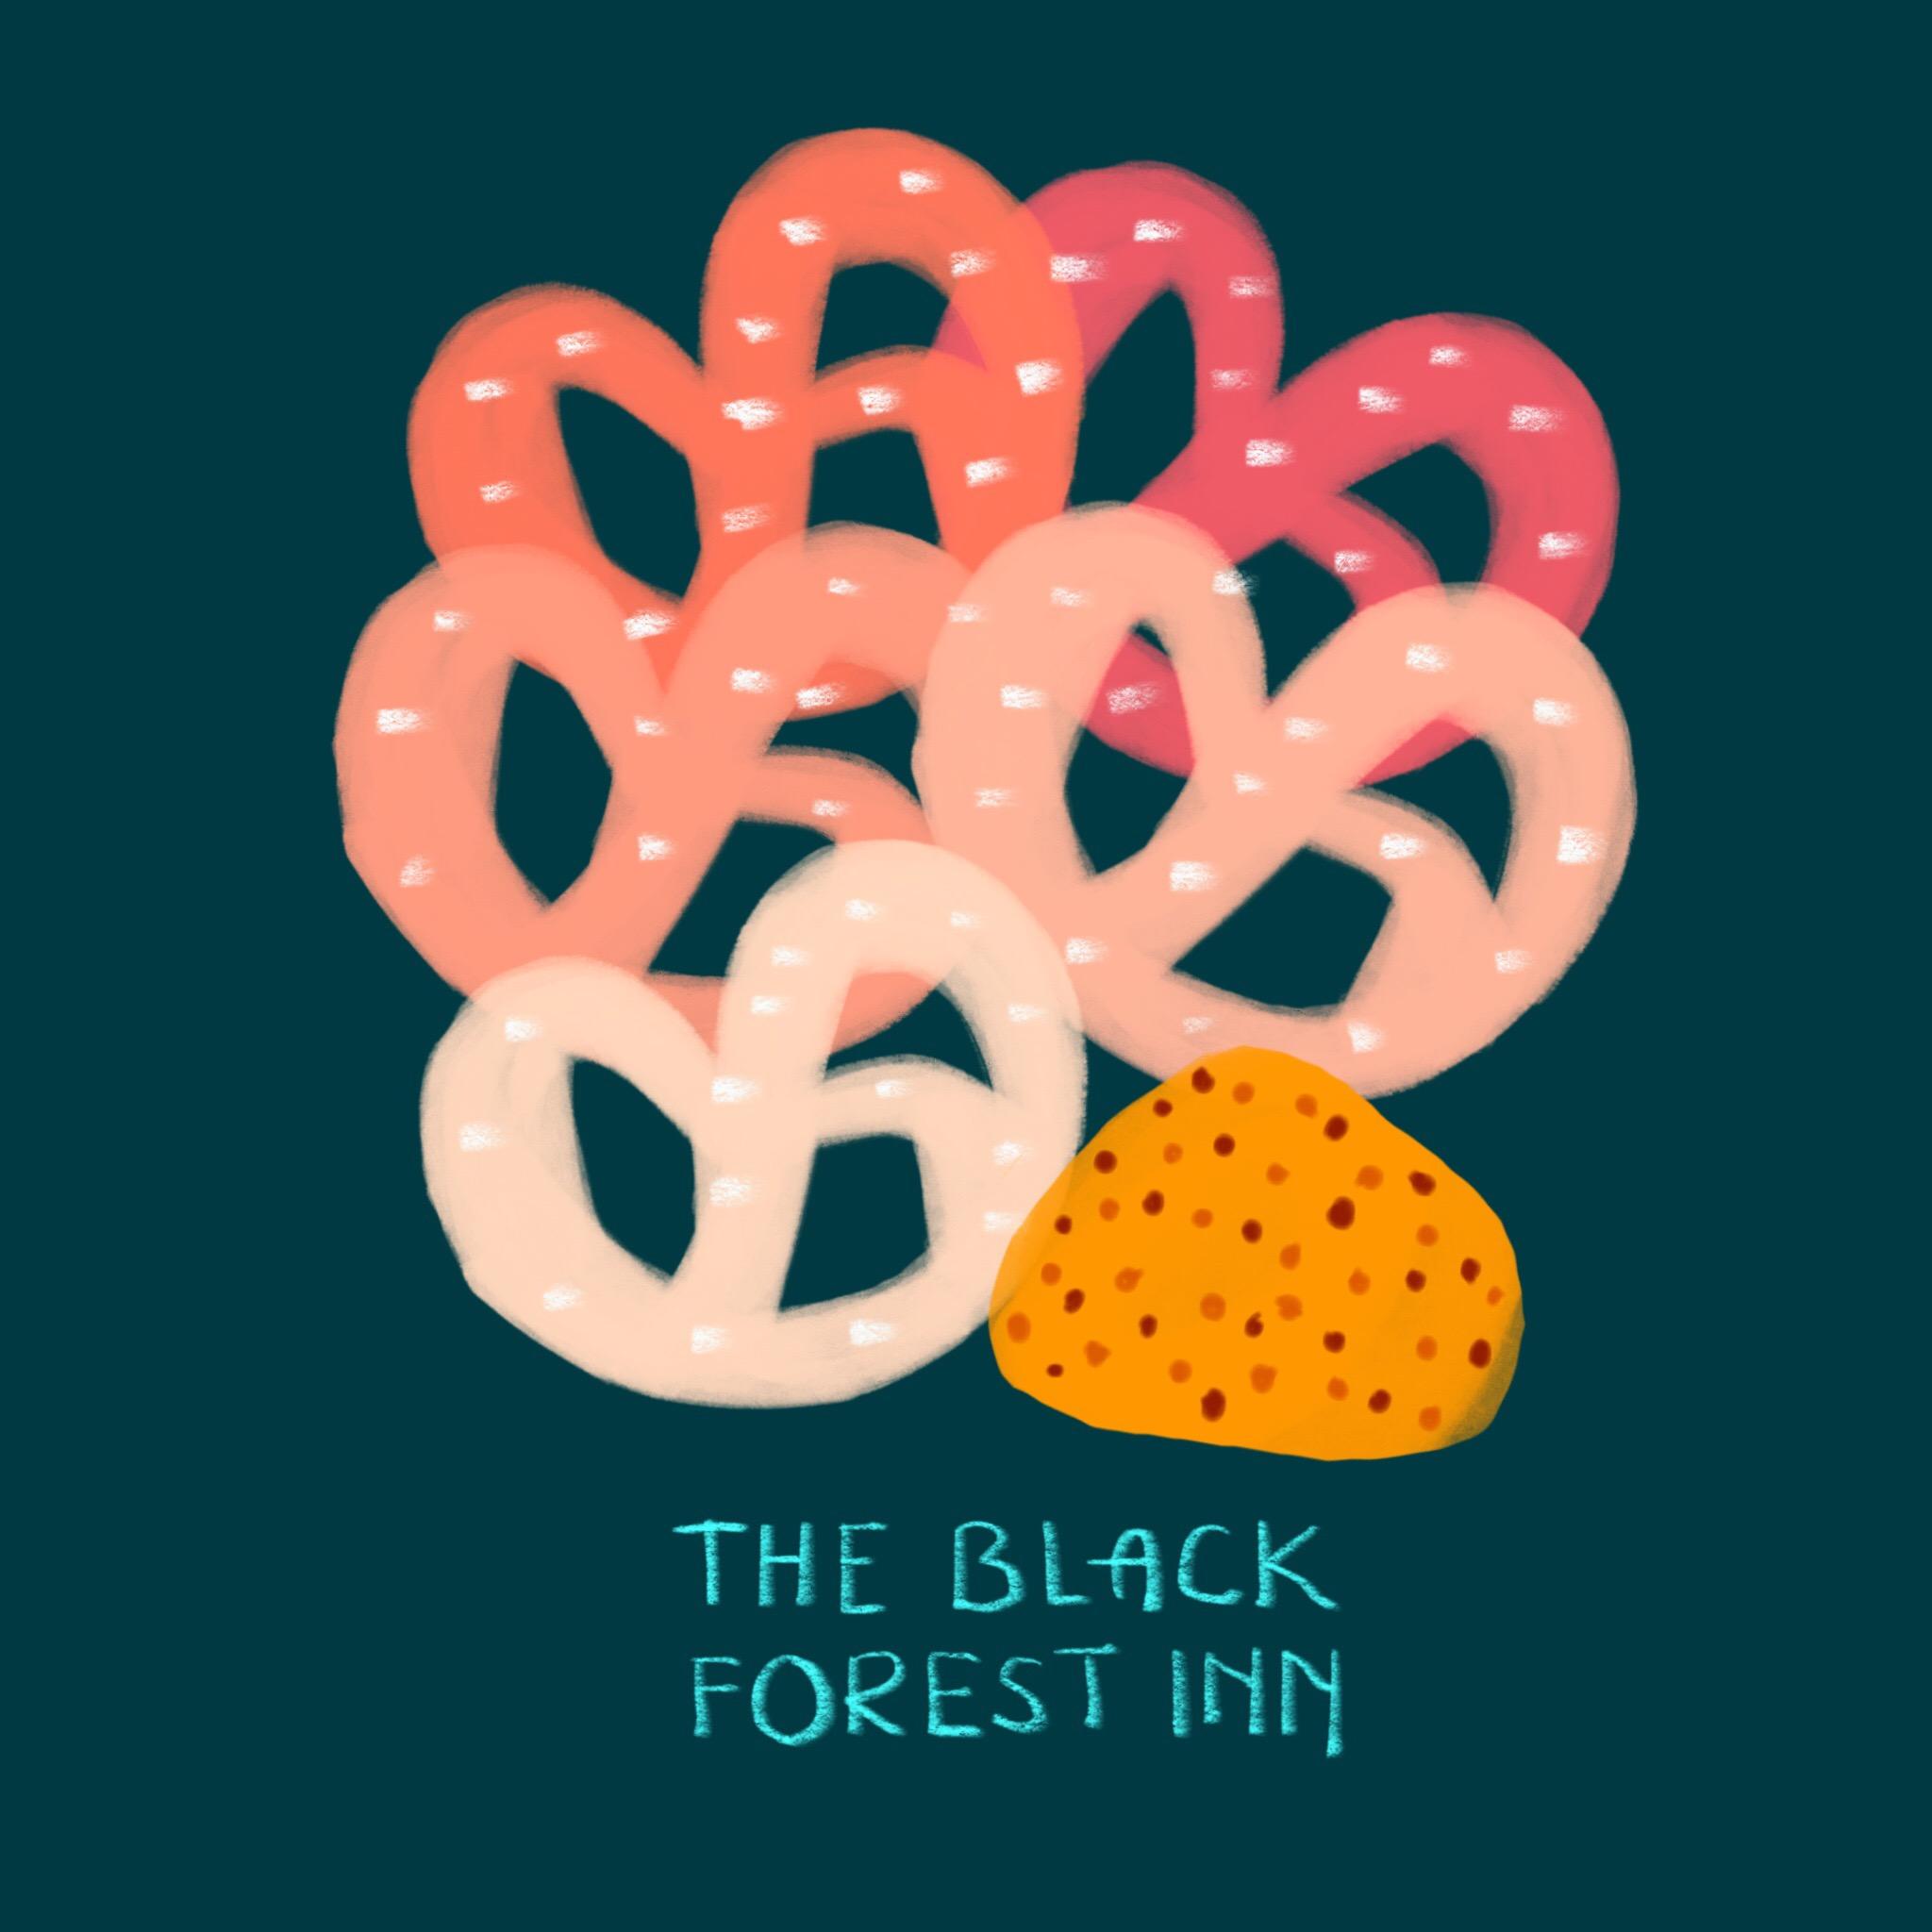 75_-_Black_Forest_Inn-1.jpg